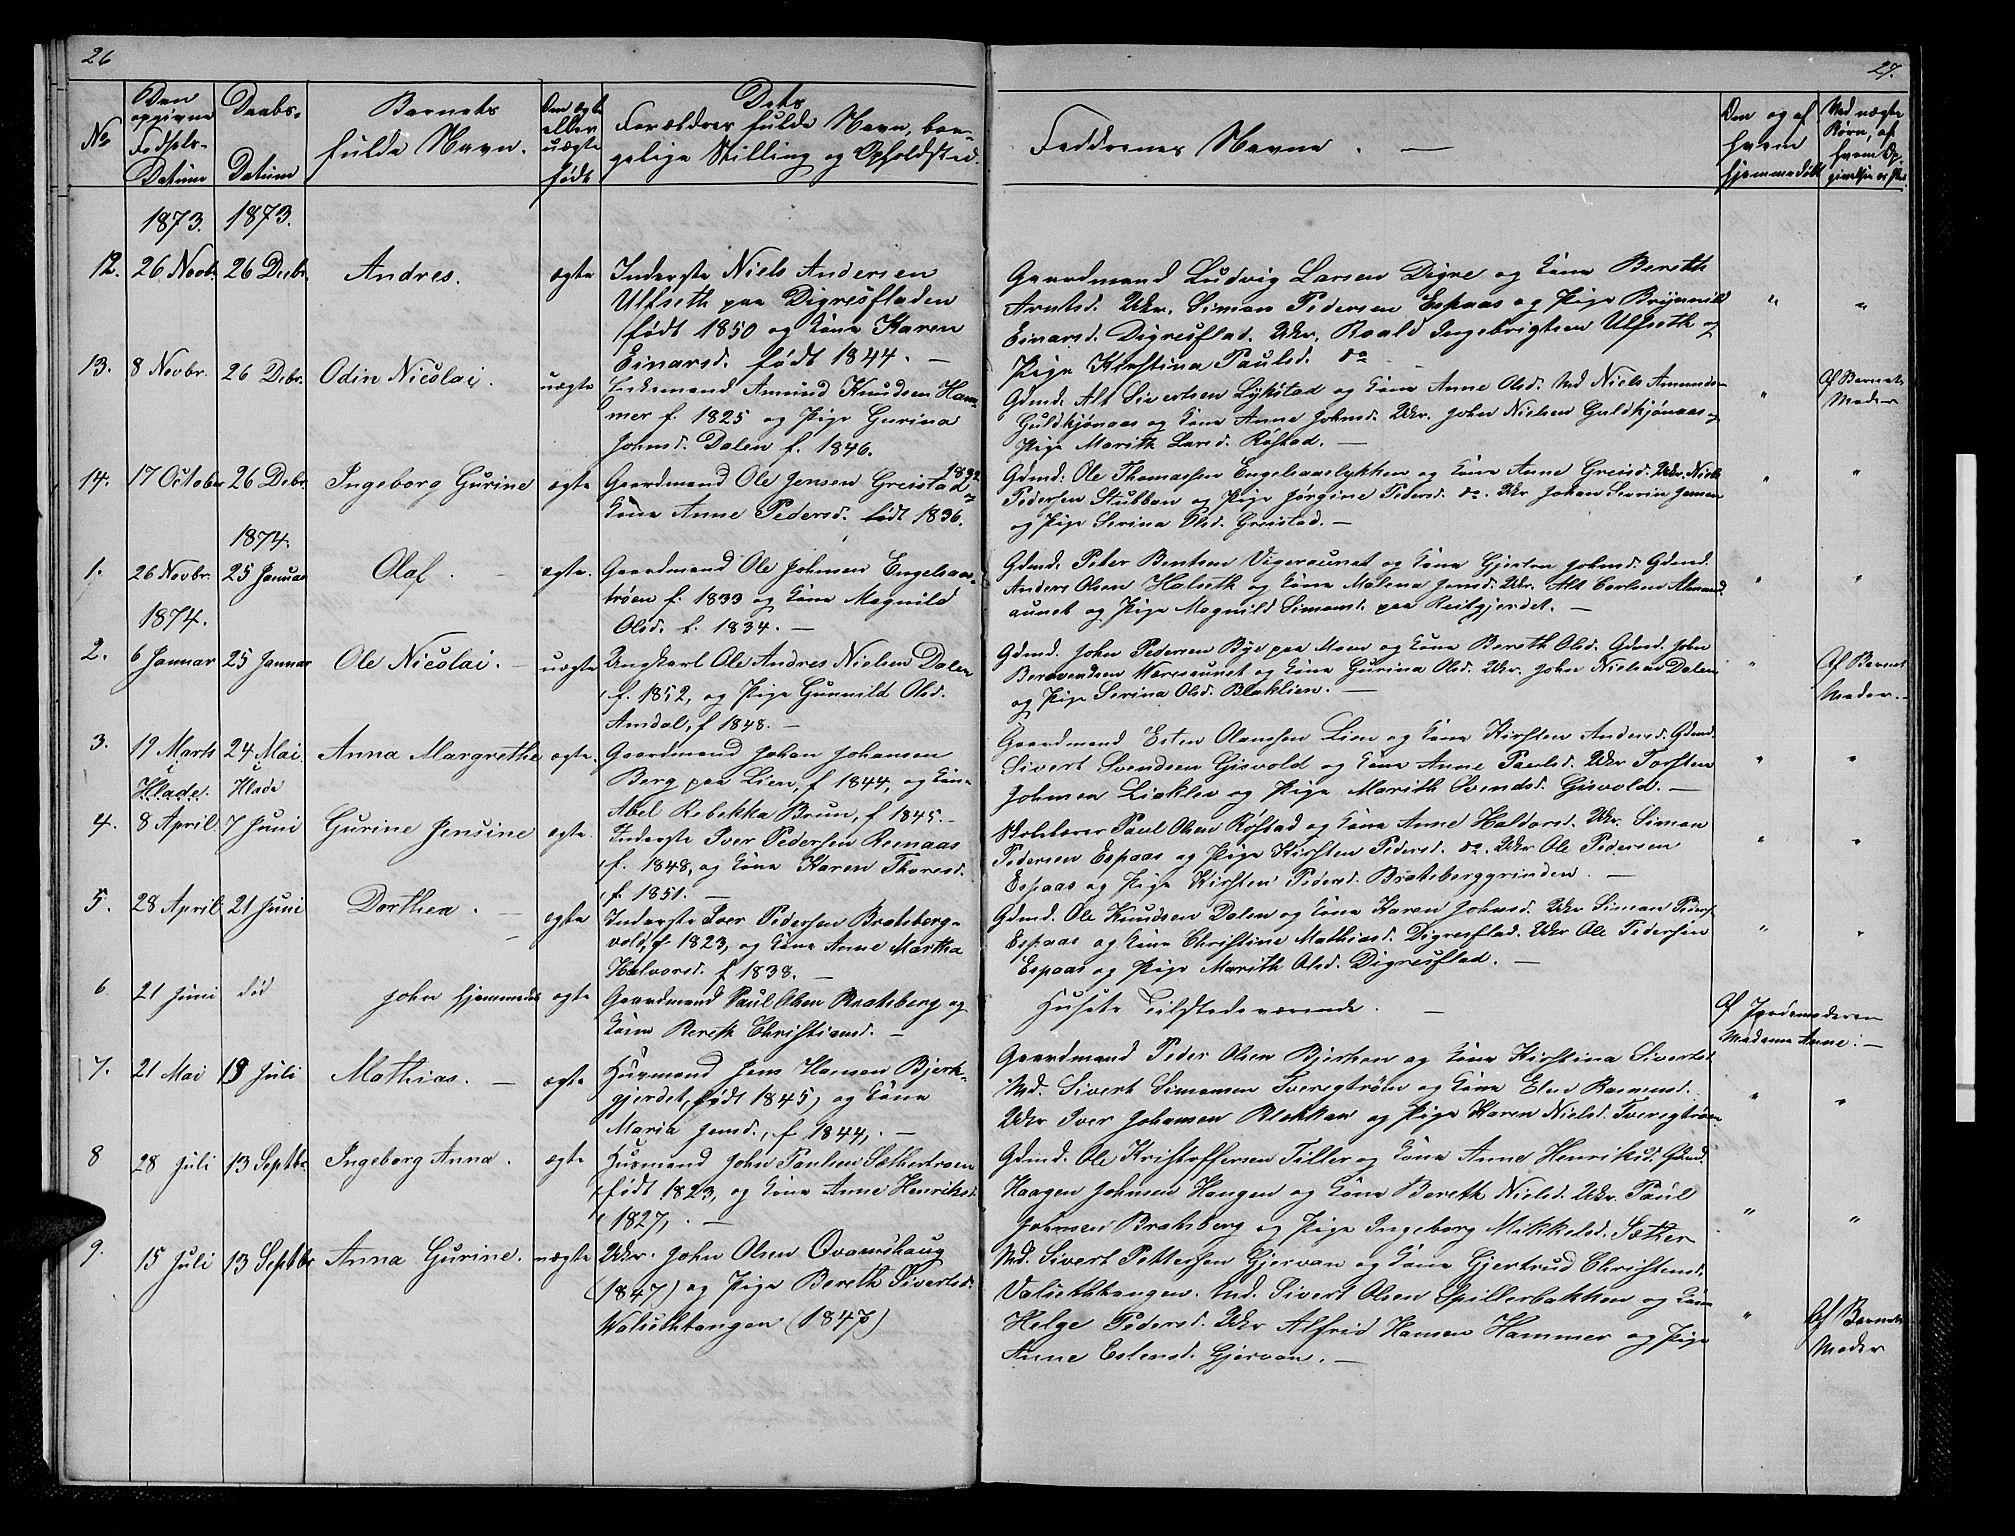 SAT, Ministerialprotokoller, klokkerbøker og fødselsregistre - Sør-Trøndelag, 608/L0340: Klokkerbok nr. 608C06, 1864-1889, s. 26-27